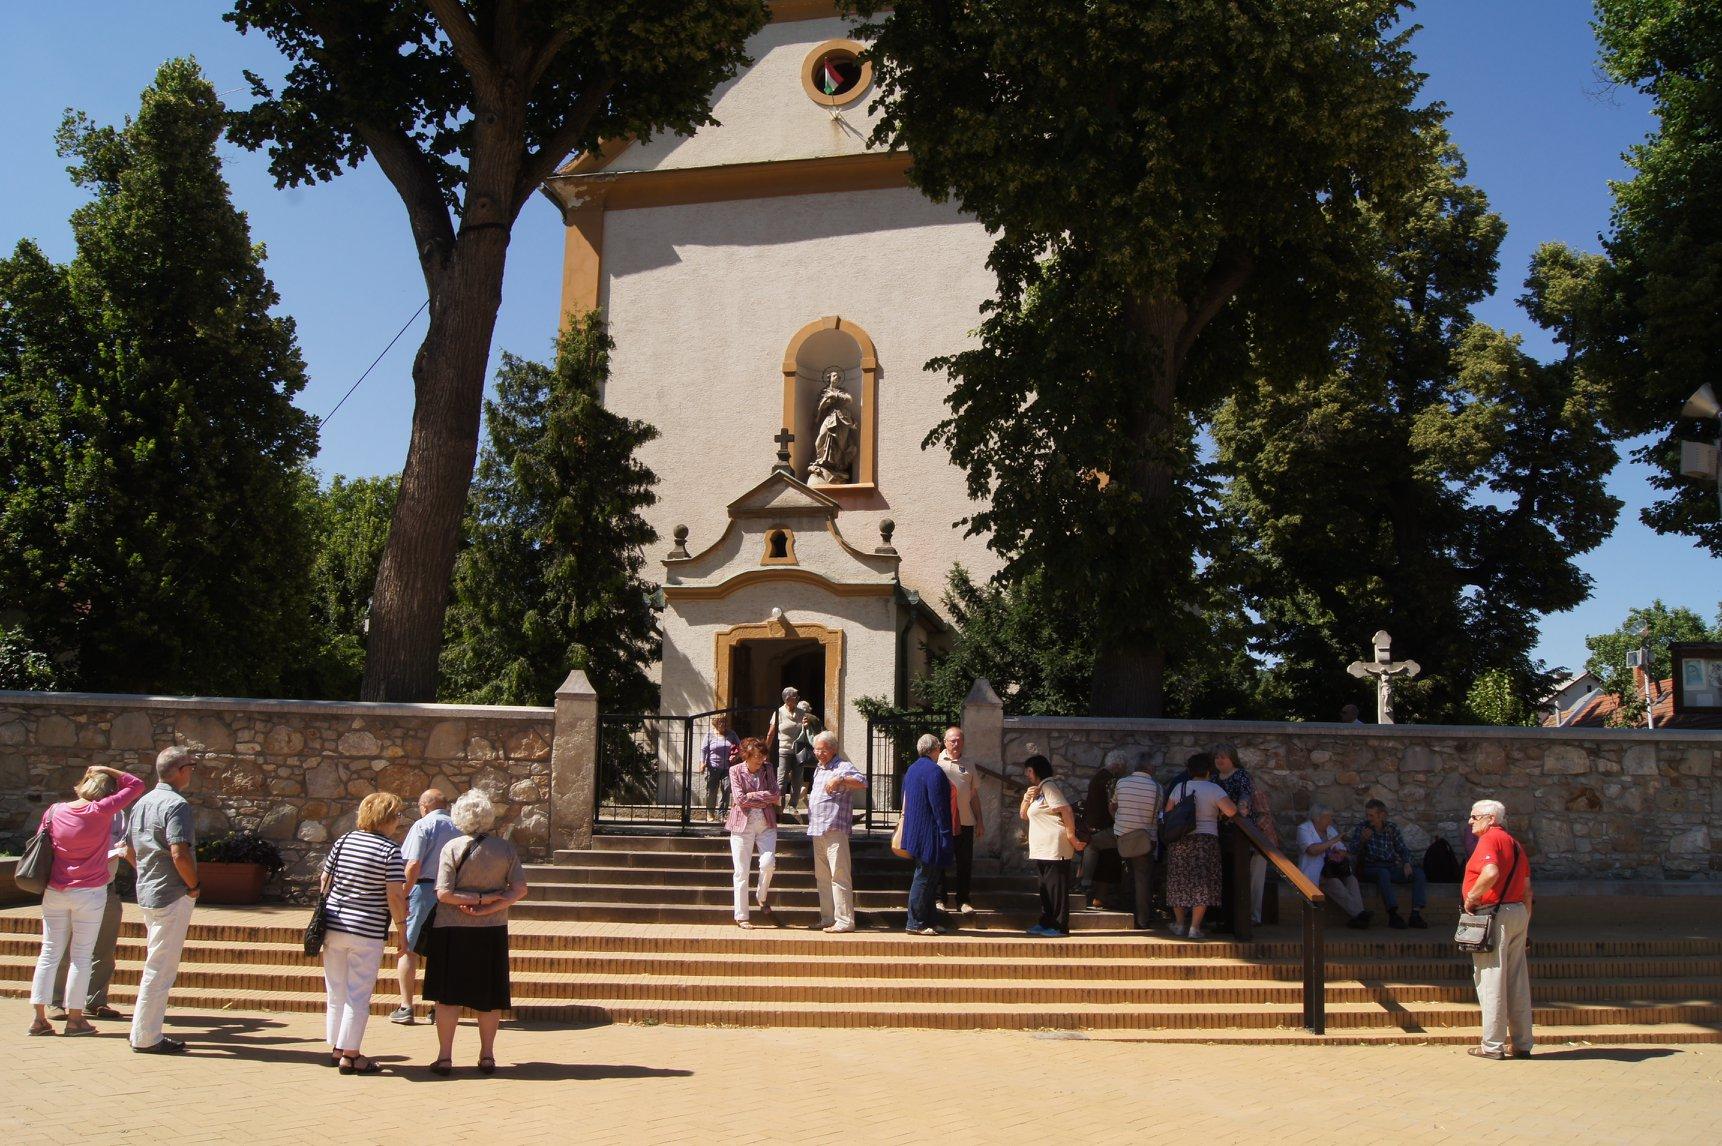 Turista szemmel Nagykovácsi temploma 2018. június 30.